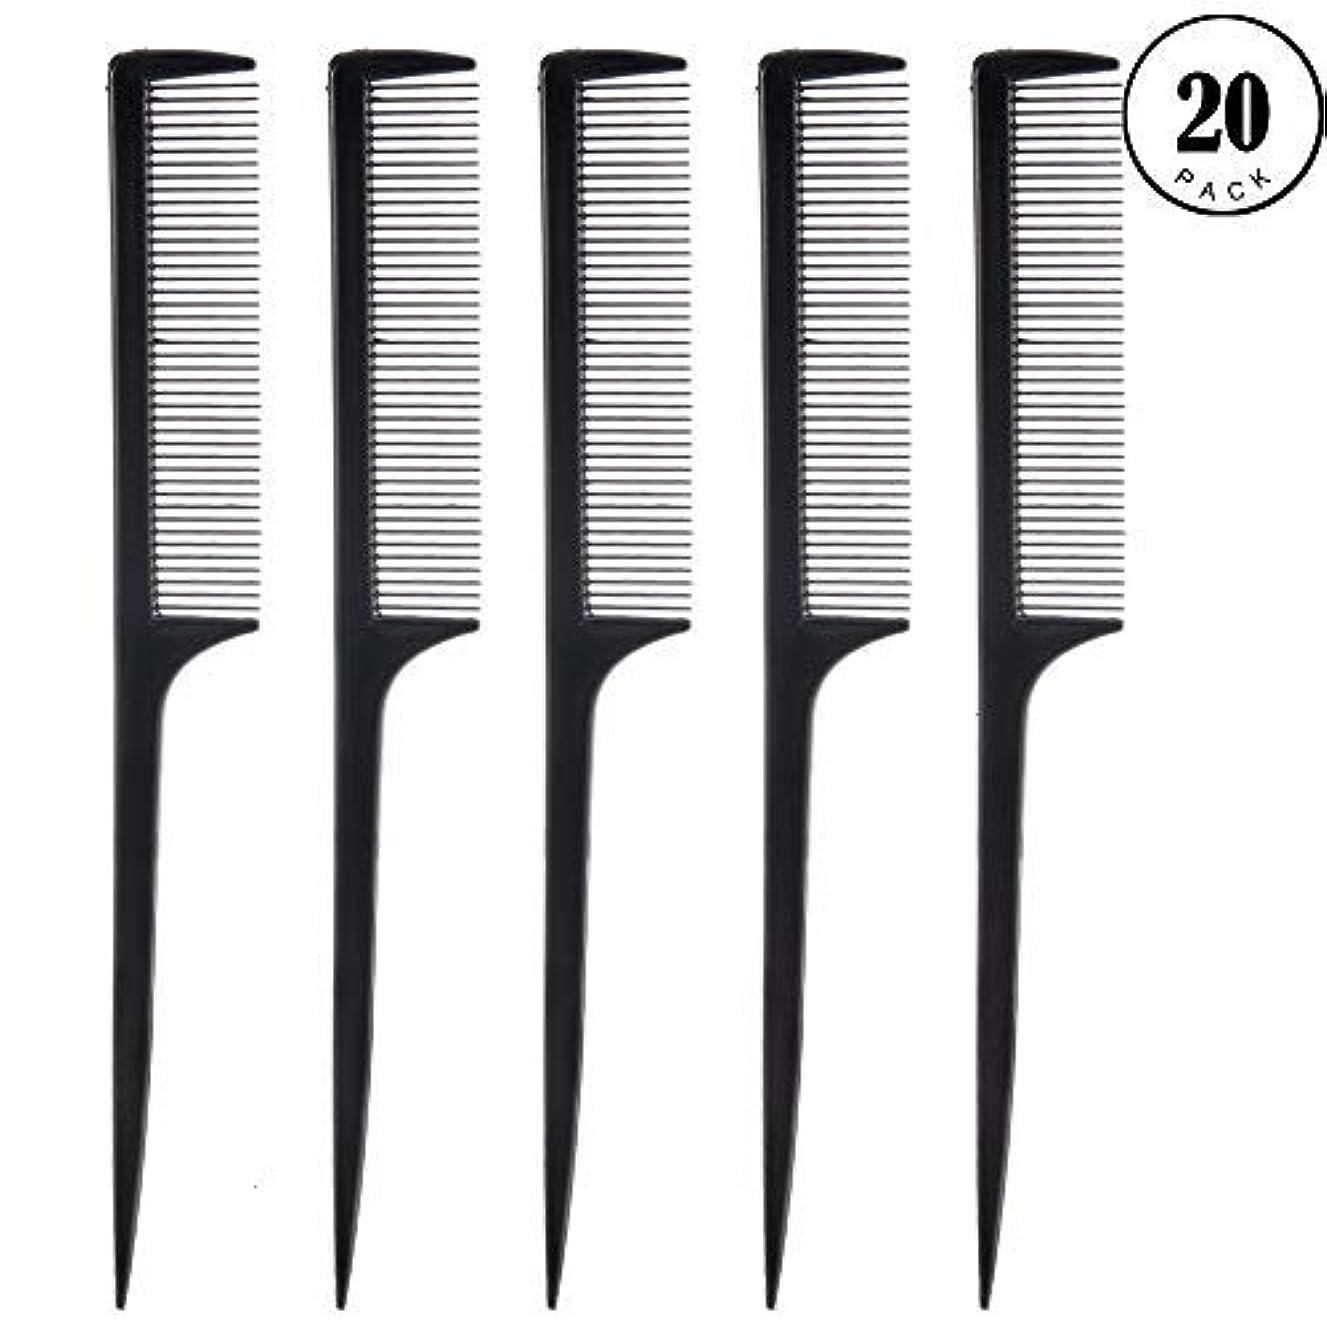 すごいラブ過剰Feeko Comb, 20 Pieces 21CM Plastic Lightweight Rat Tail Comb All Hair Types Black [並行輸入品]